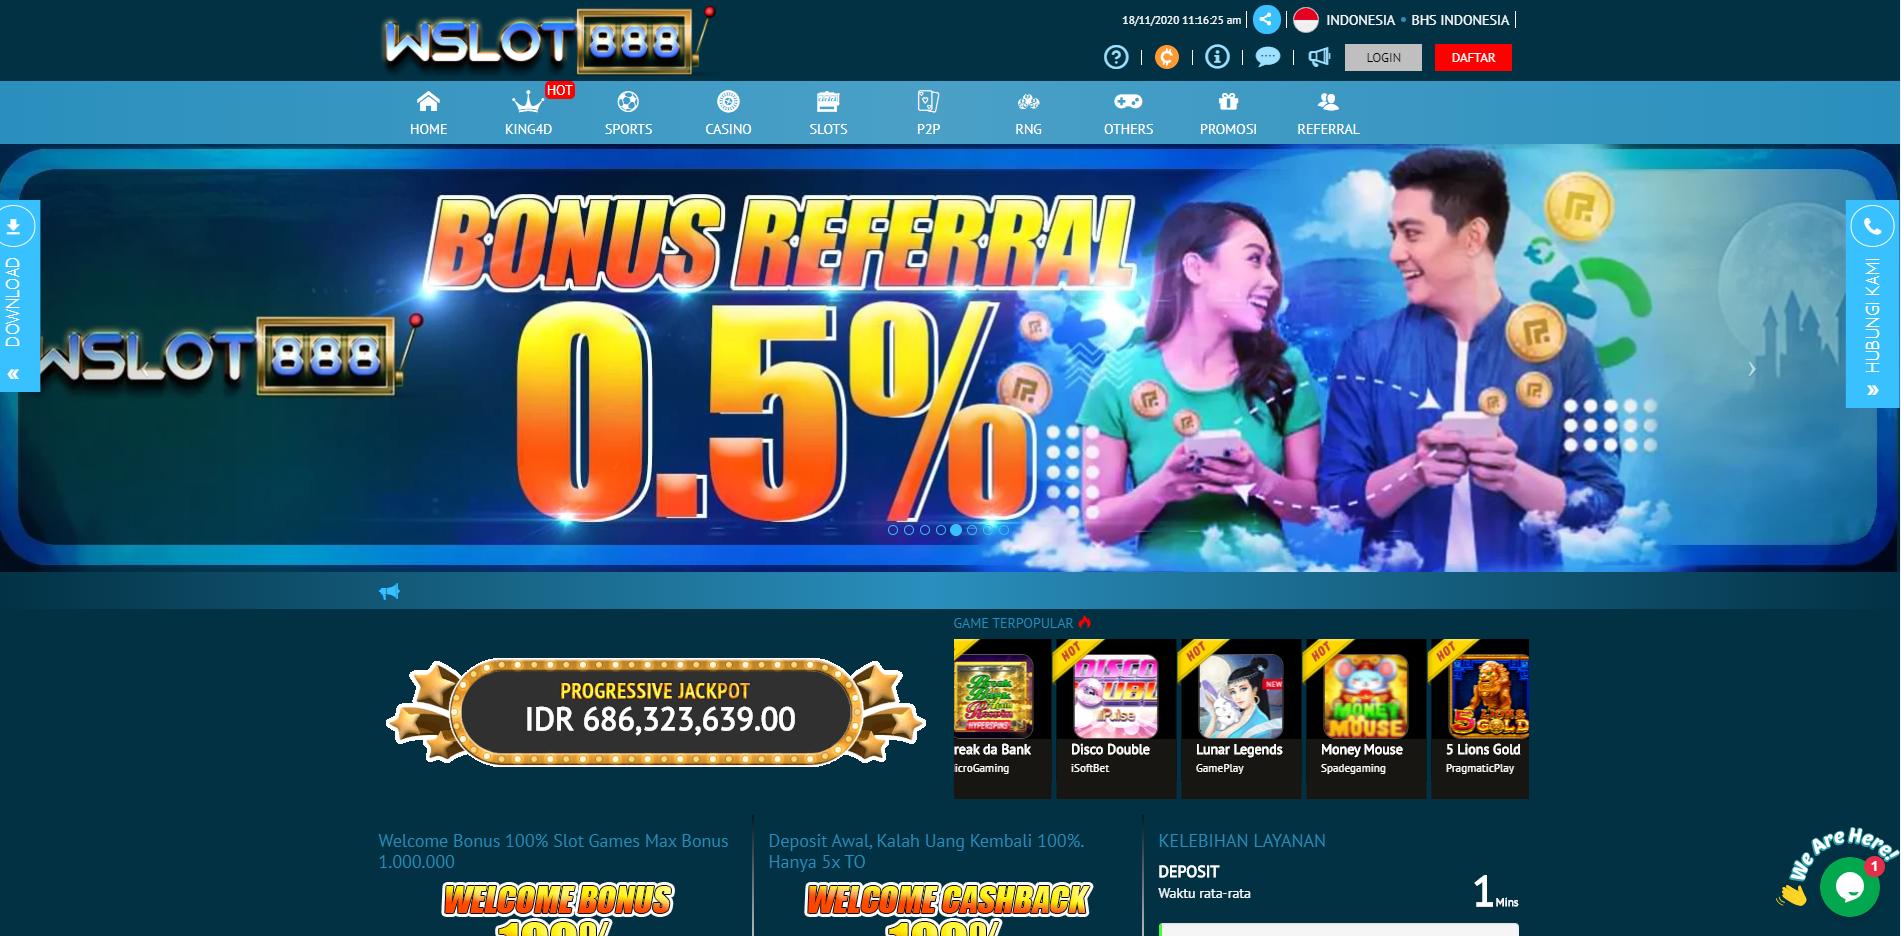 Wslot888 Situs Judi Slot Online Terpercaya Indonesia 2020 Profile Bright And Brewtiful Forum